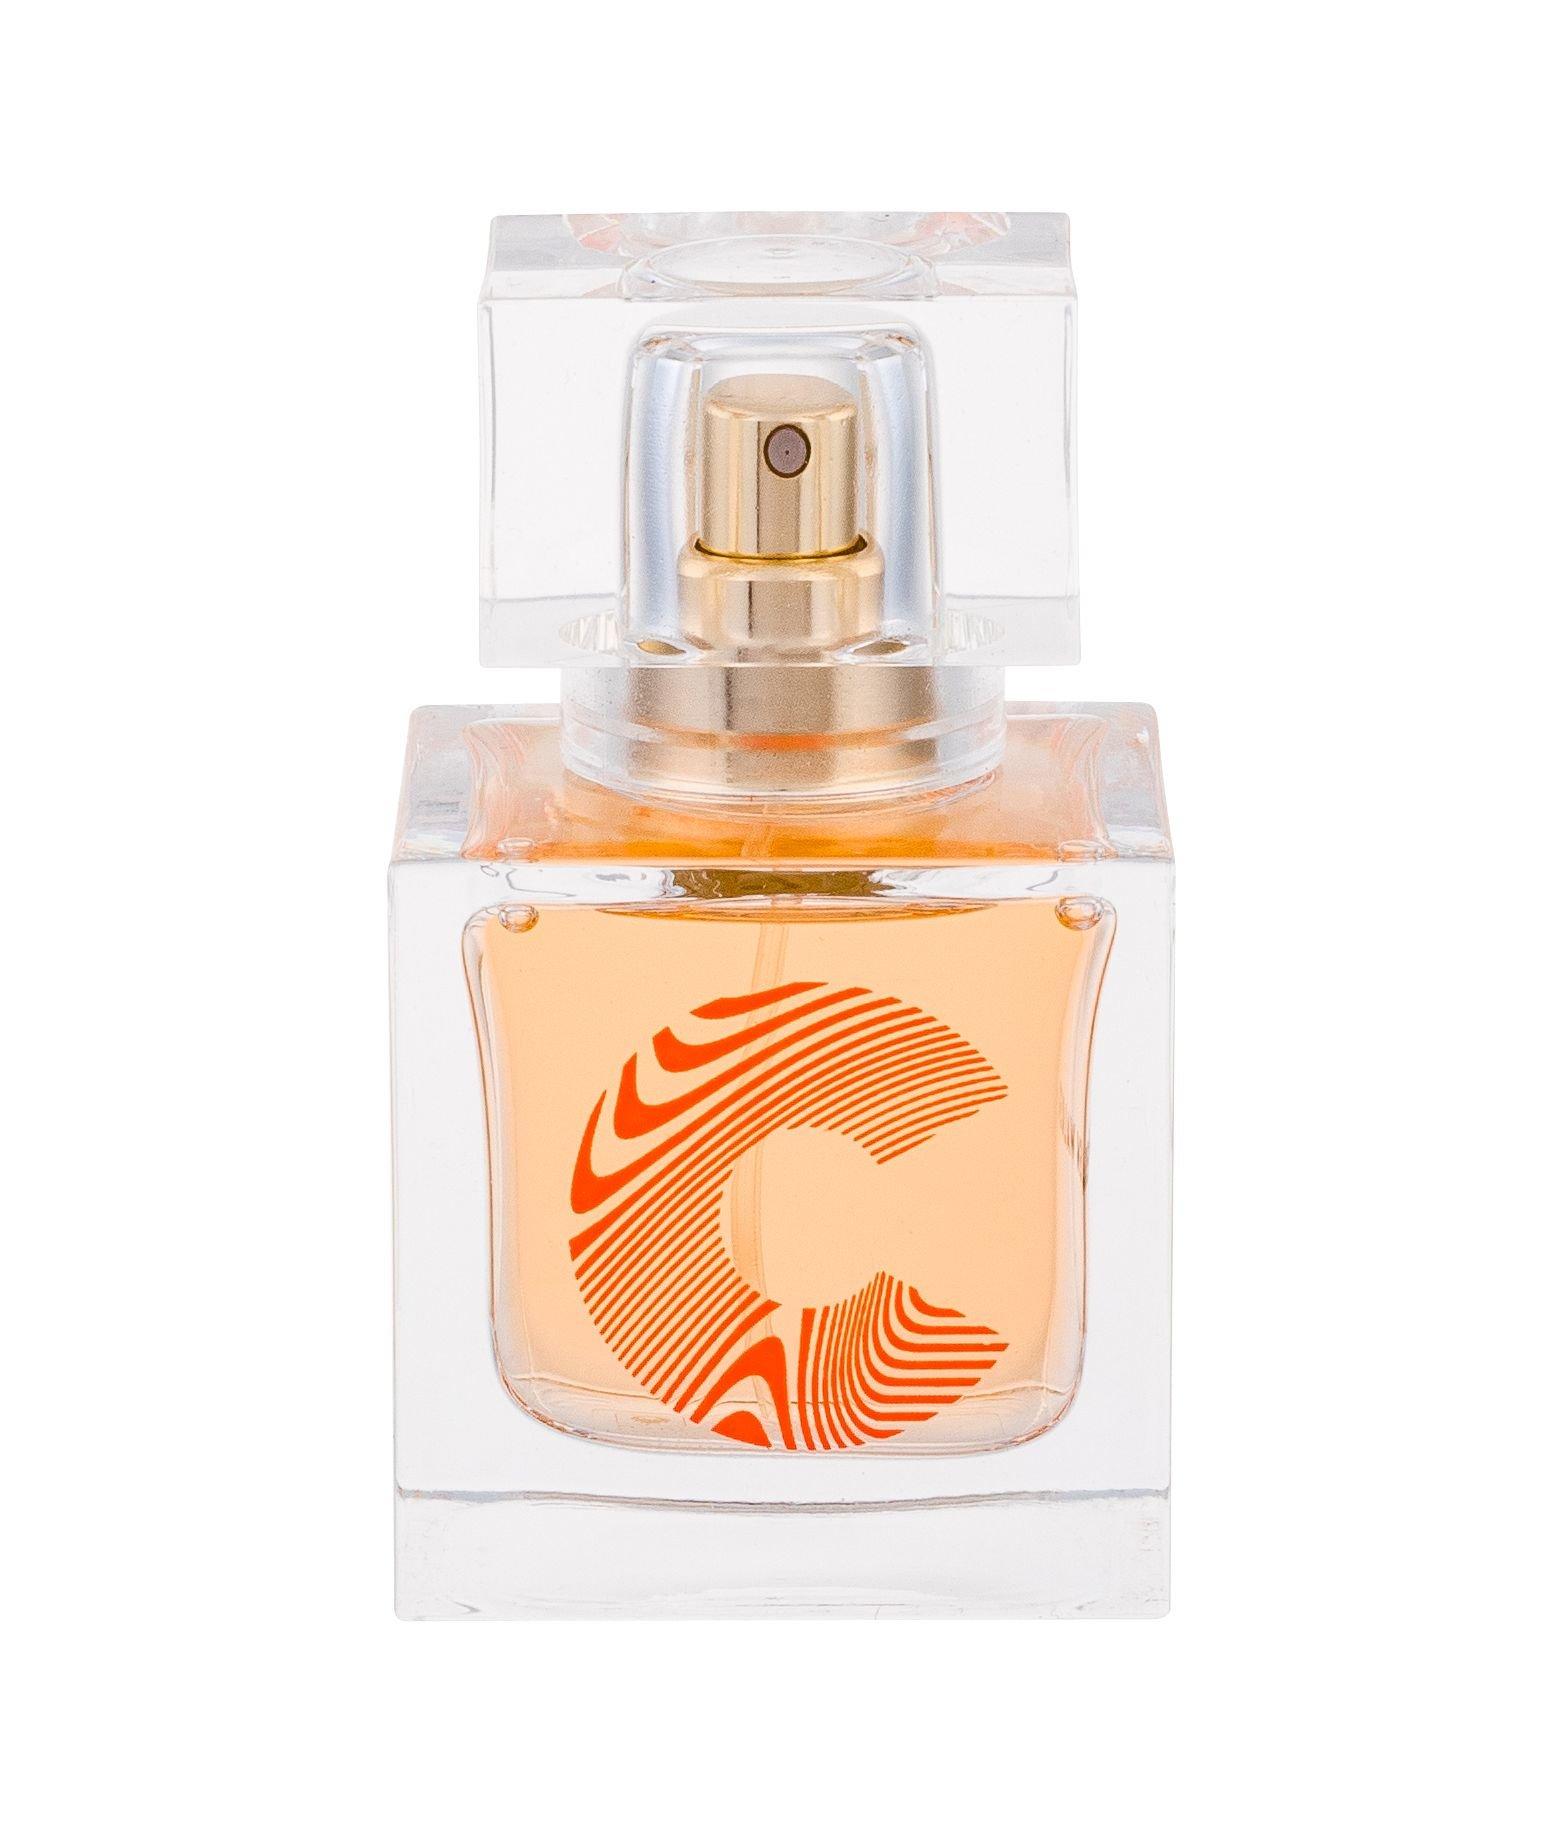 Karen Walker C Eau de Parfum 30ml